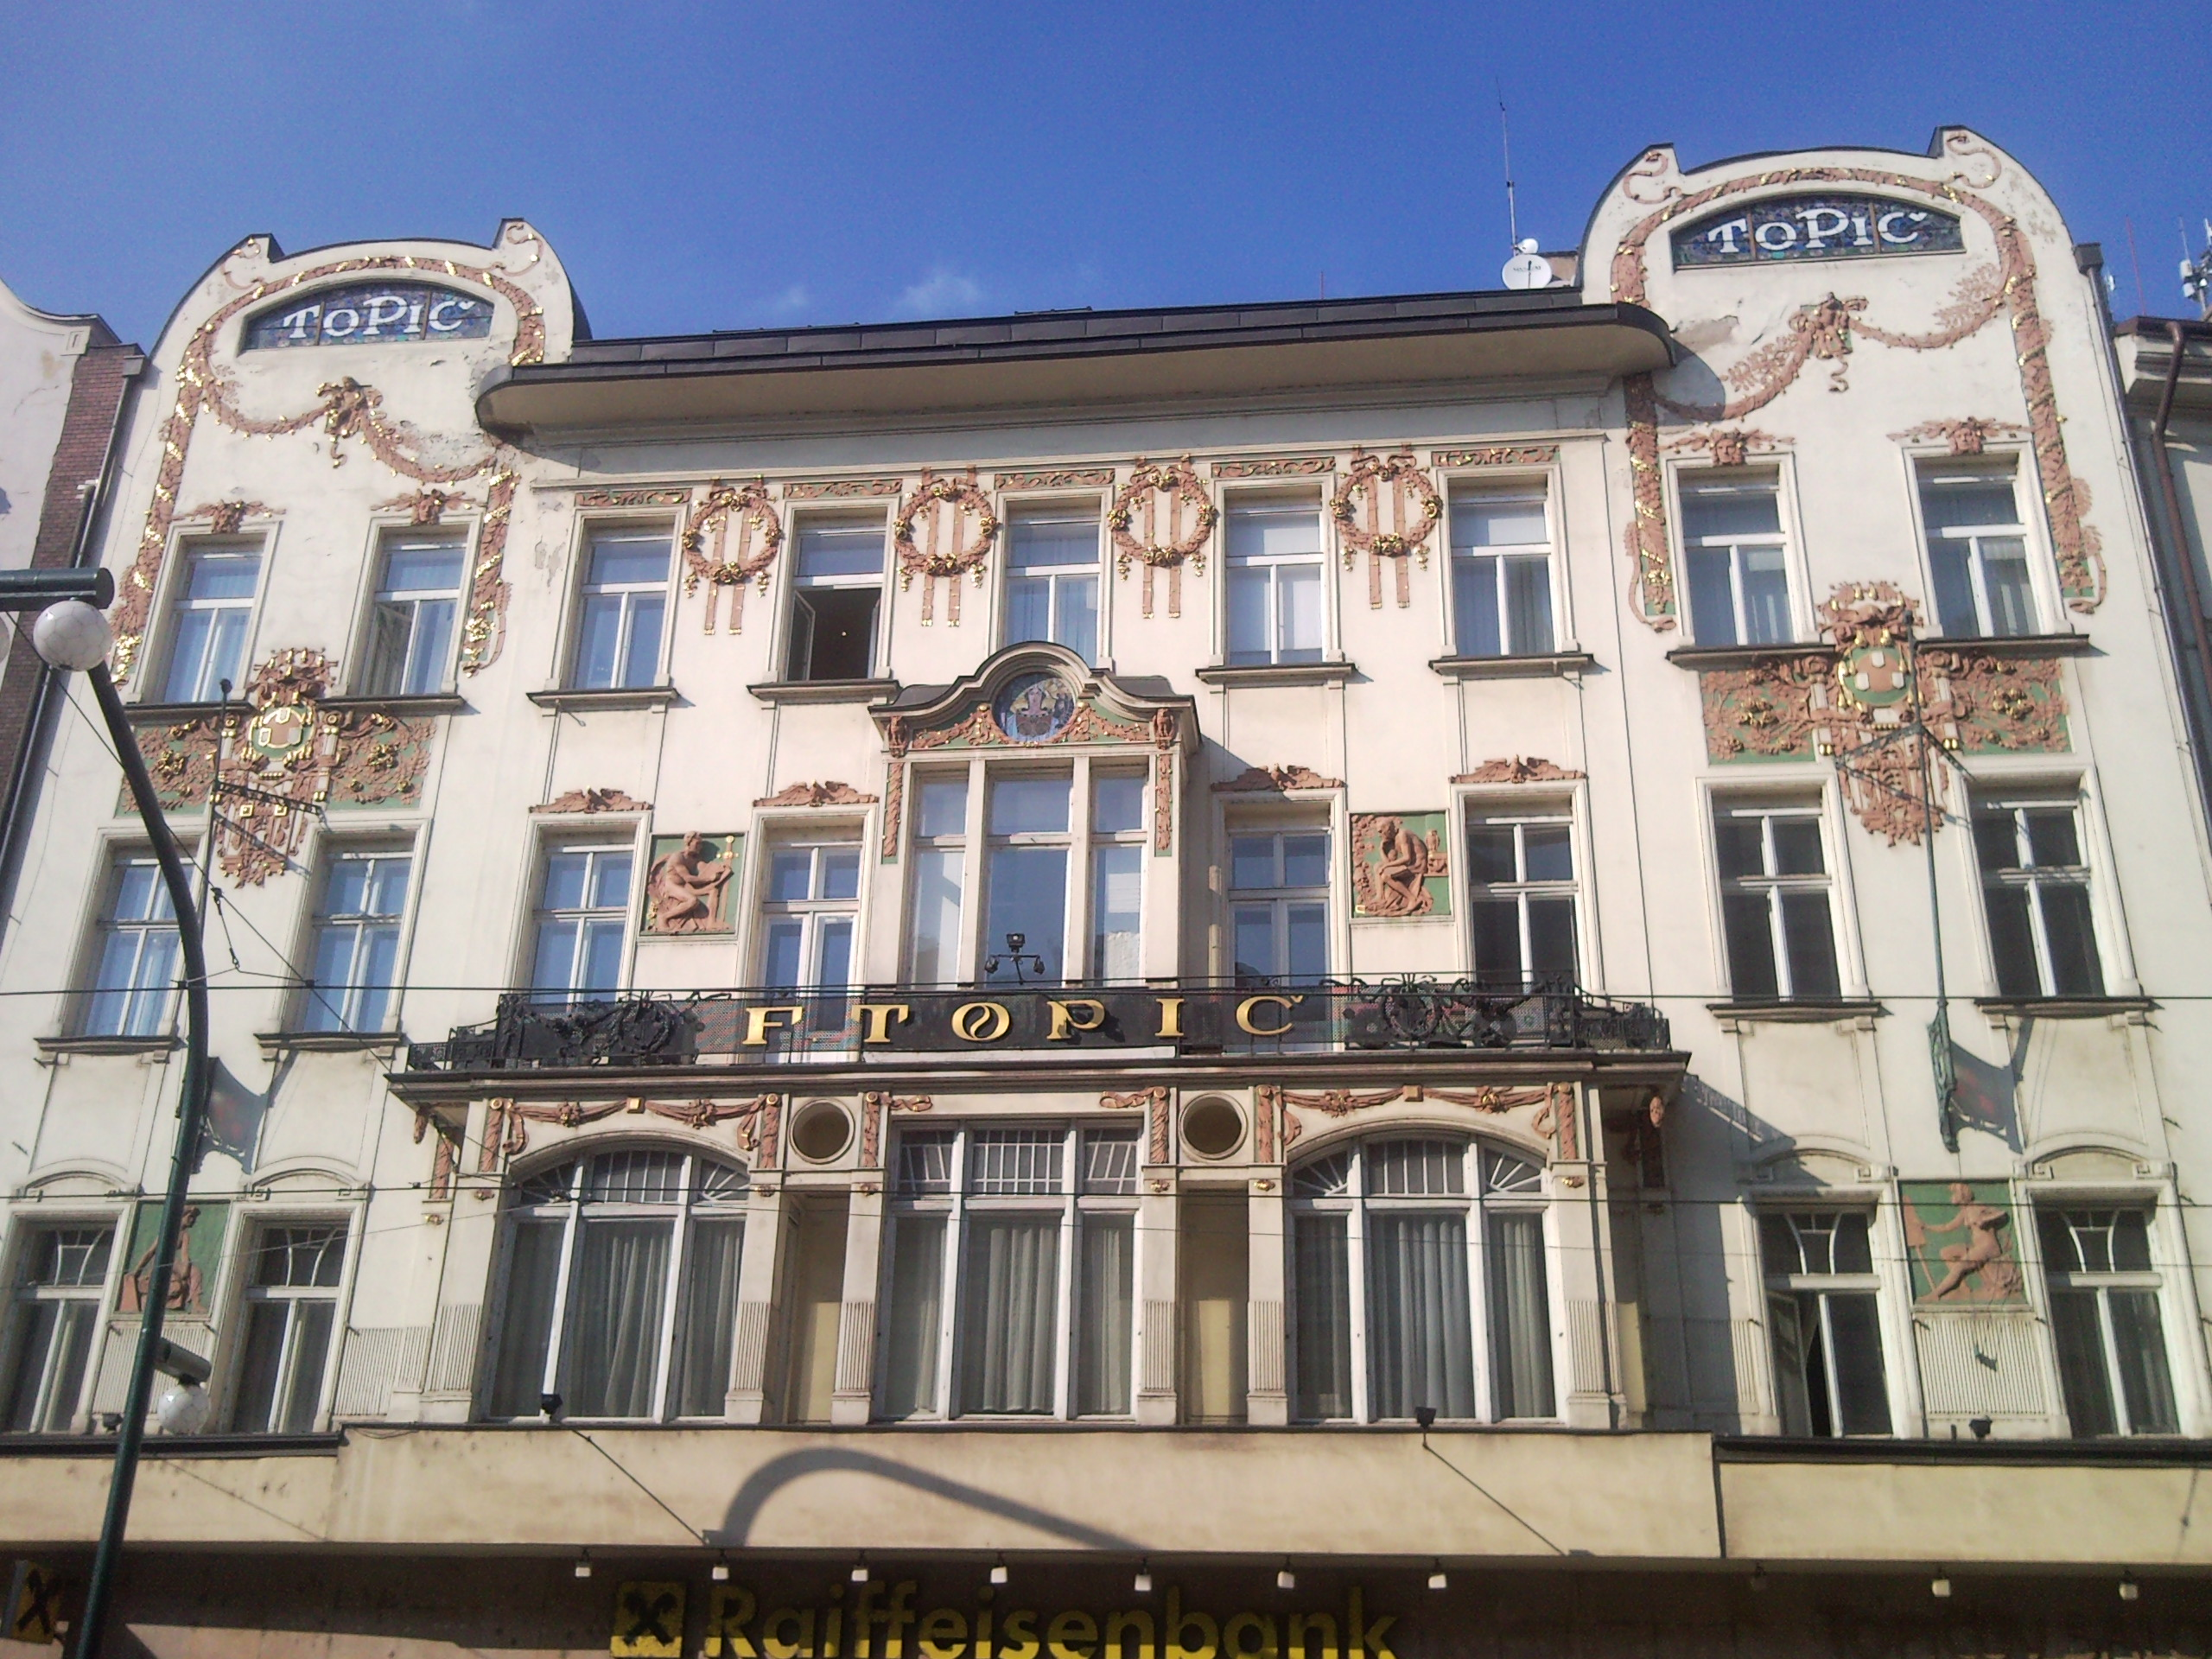 Casa Topic - O călătorie arhitecturală prin Praga, orașul celor 100 de clopotnițe - partea a II-a